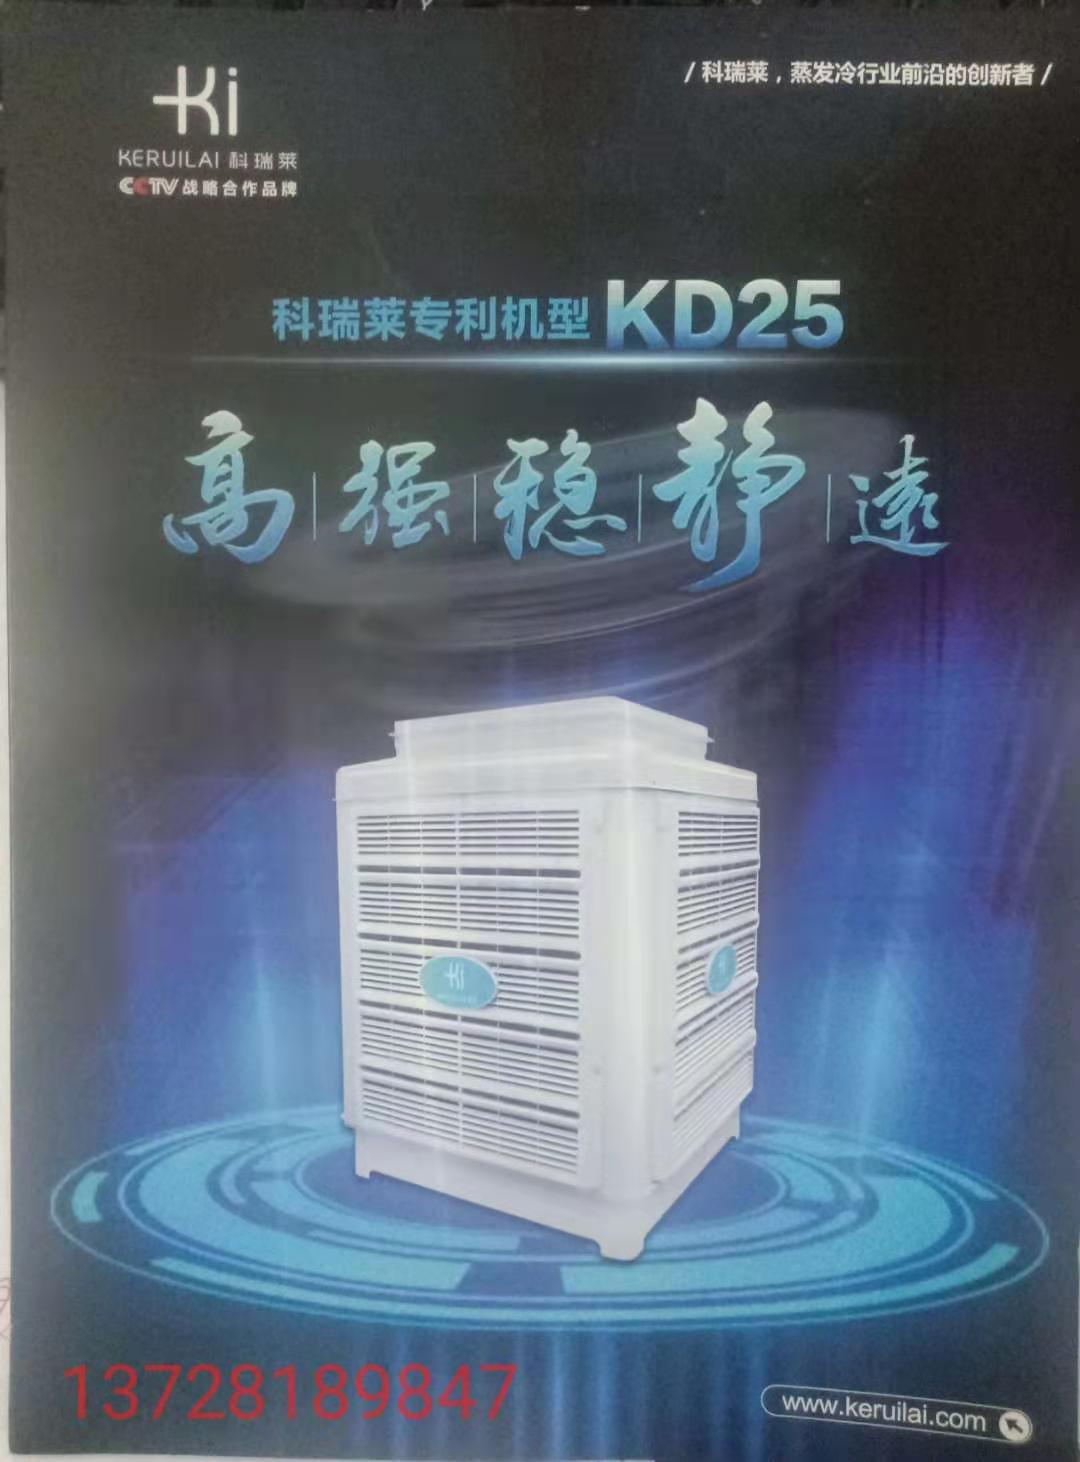 深圳科瑞莱KD25A/KD25C风量大专利设计出吕品牌